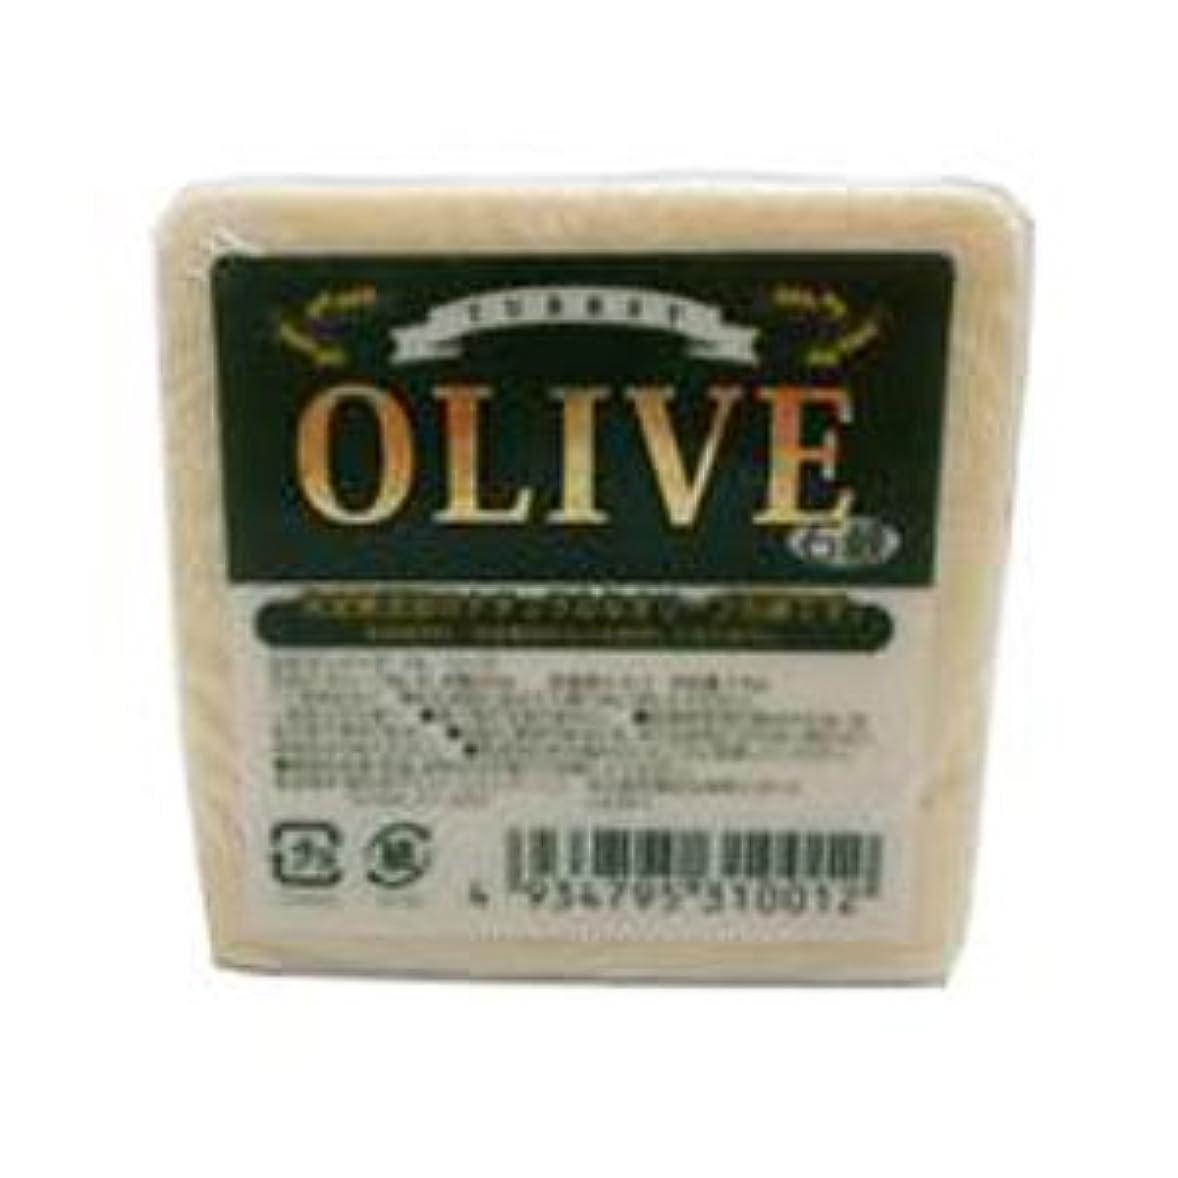 セール適合しました今までお得な10個セット トルコ産オリーブを使用した無添加石鹸 ターキーオリーブ石鹸 135g